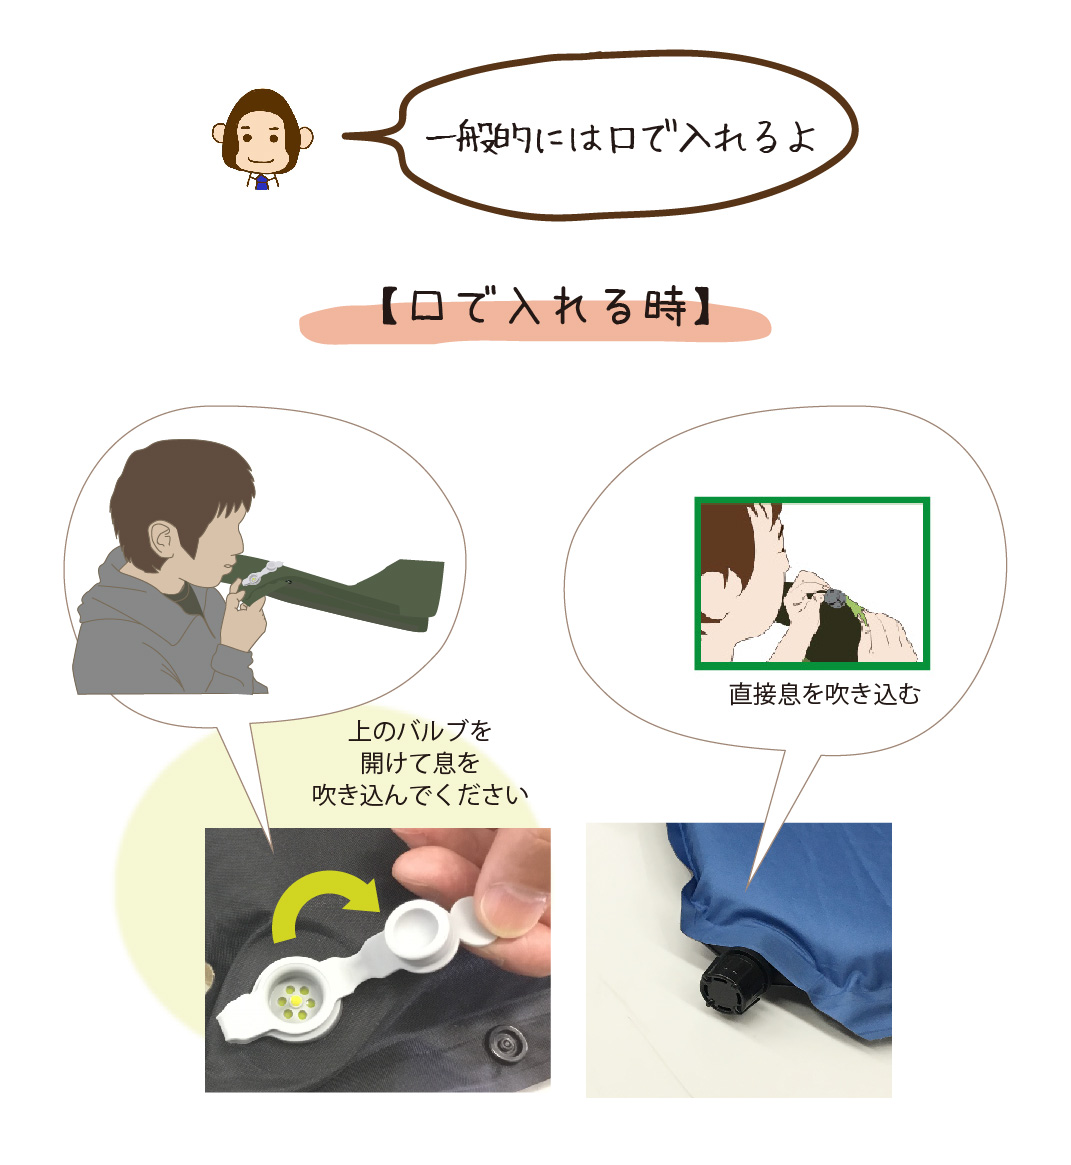 使い方④-人工的に空気を入れる方法